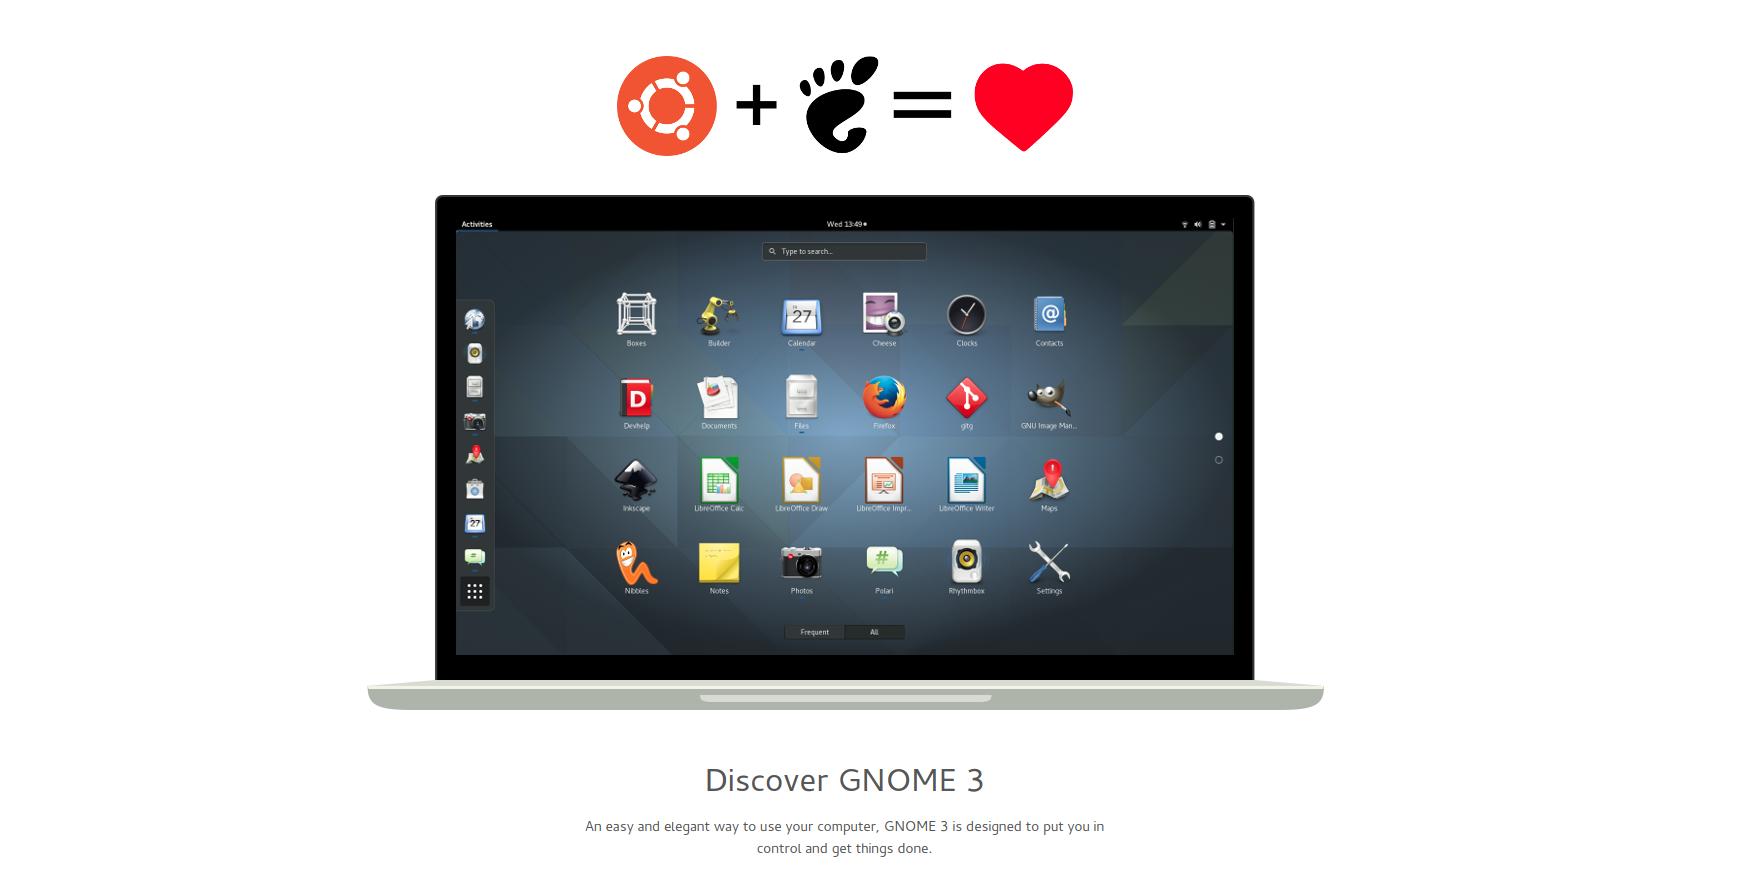 Ubuntu+GNOME=满满的爱,o(∩∩)o...哈哈